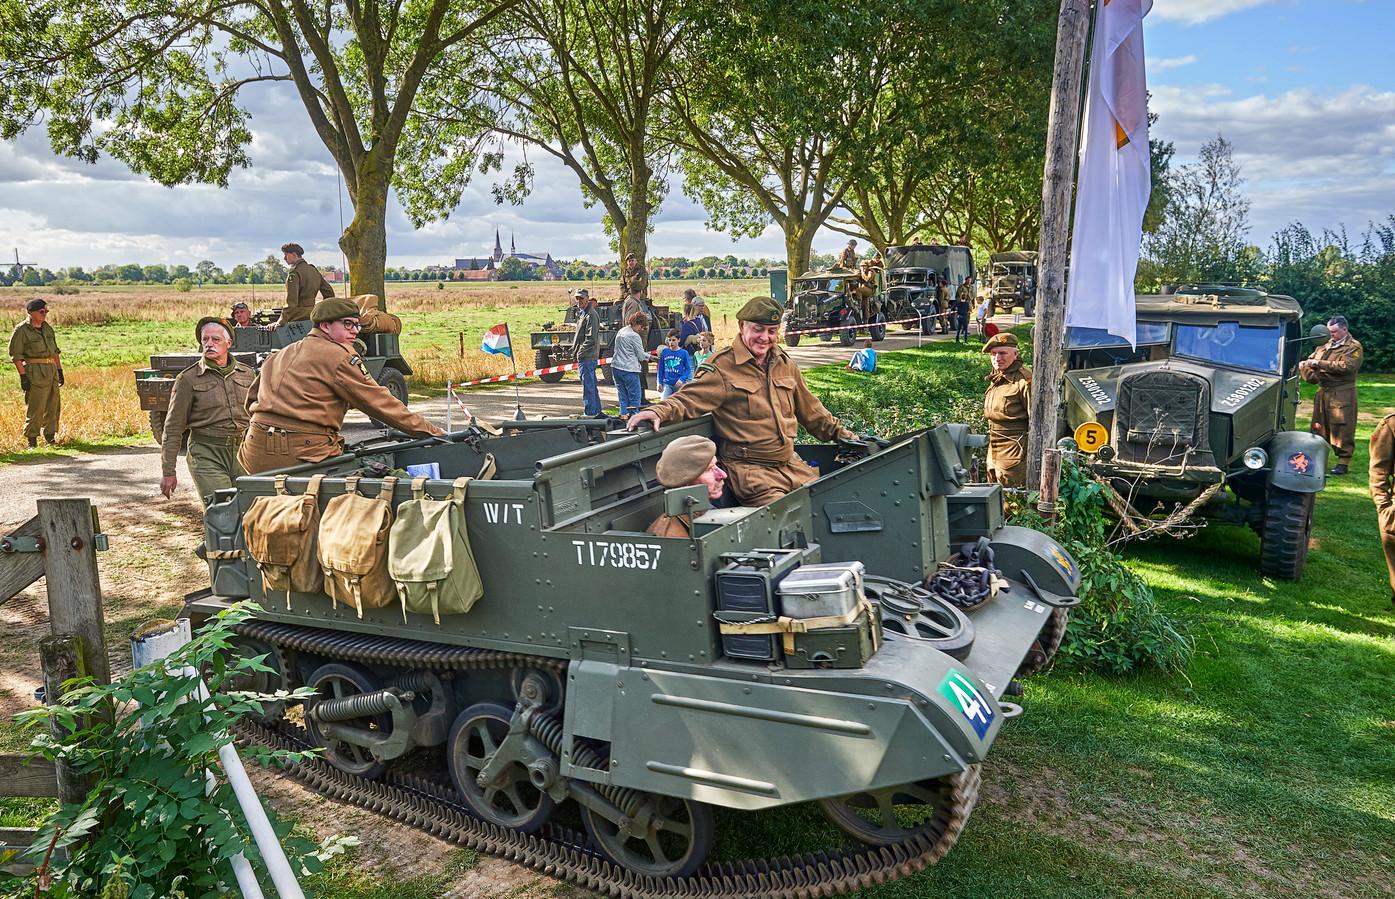 Een deel van de bevrijdingscolonne van de Liberation Task Force slaat z'n kamp op bij camping de Maasakker in Megen.